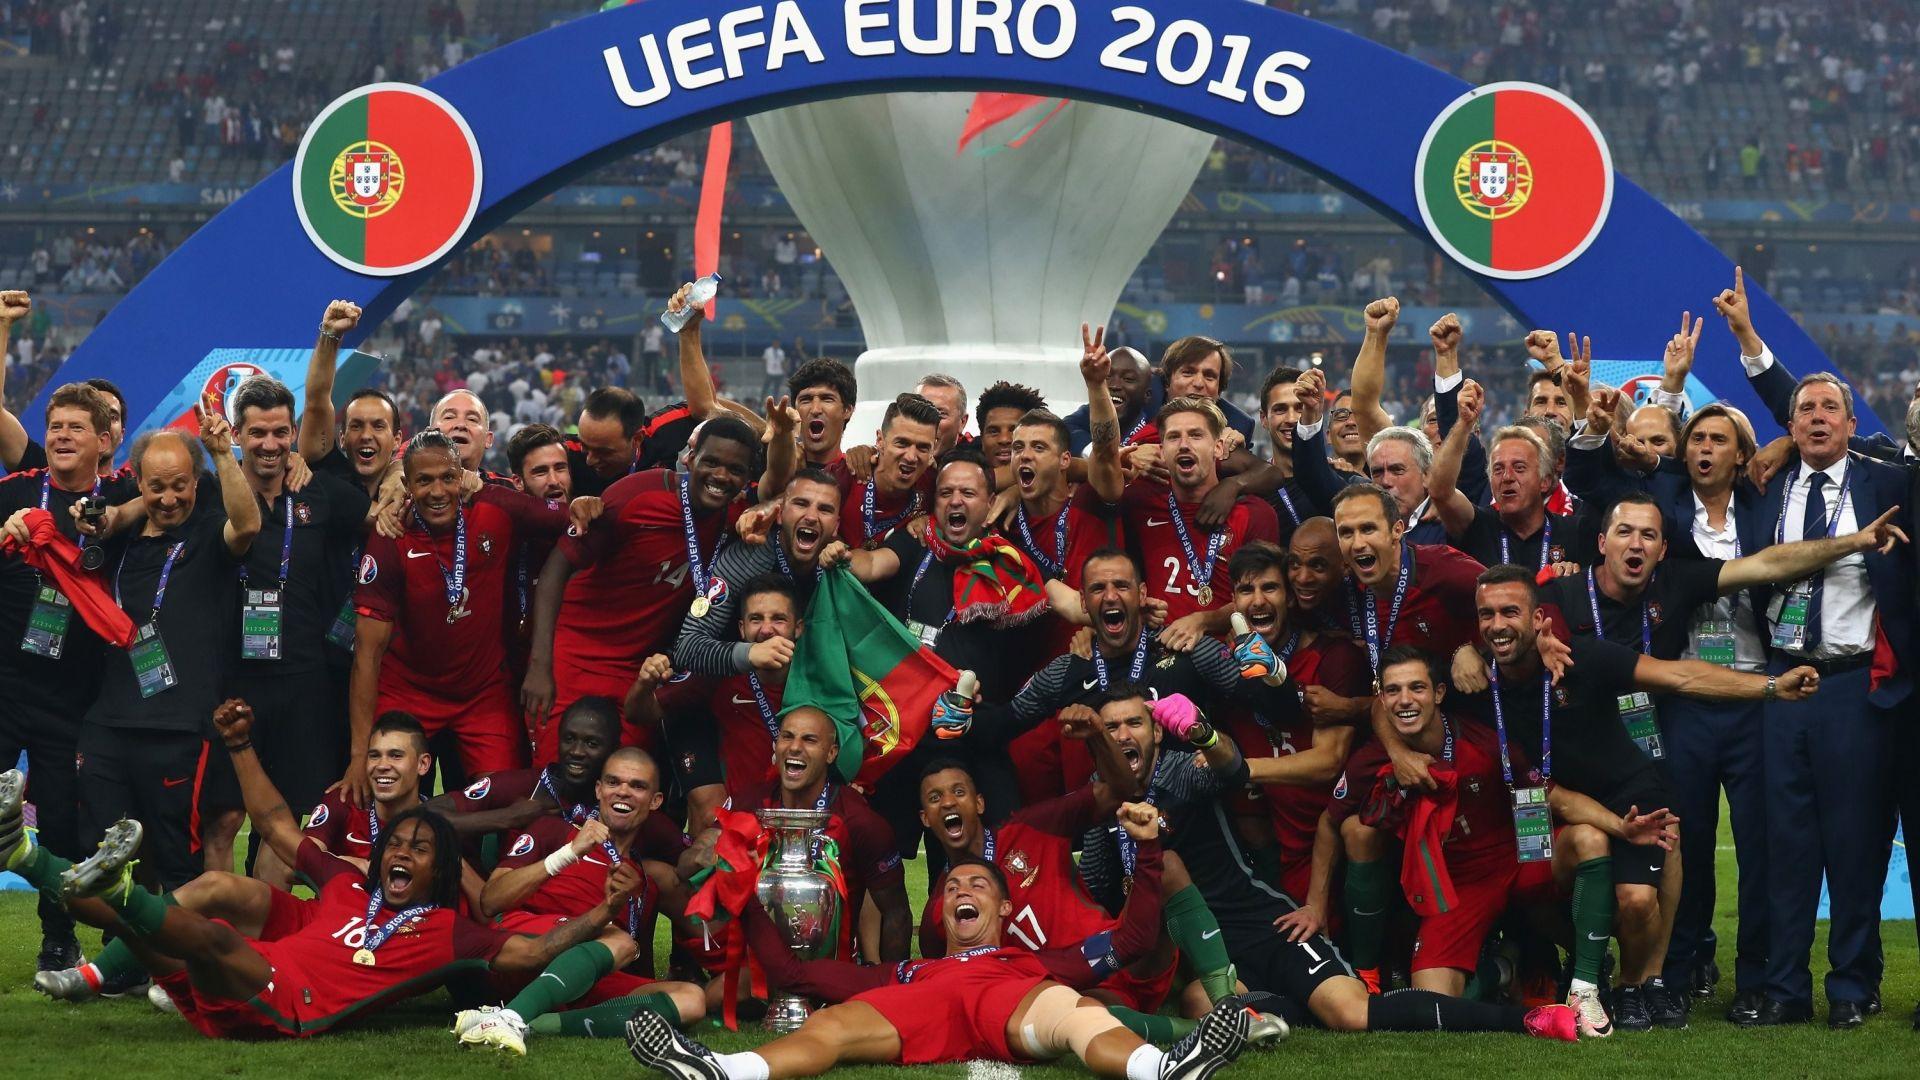 Топ-10 игроков, которые зажгли на Евро-2016. Где они теперь?